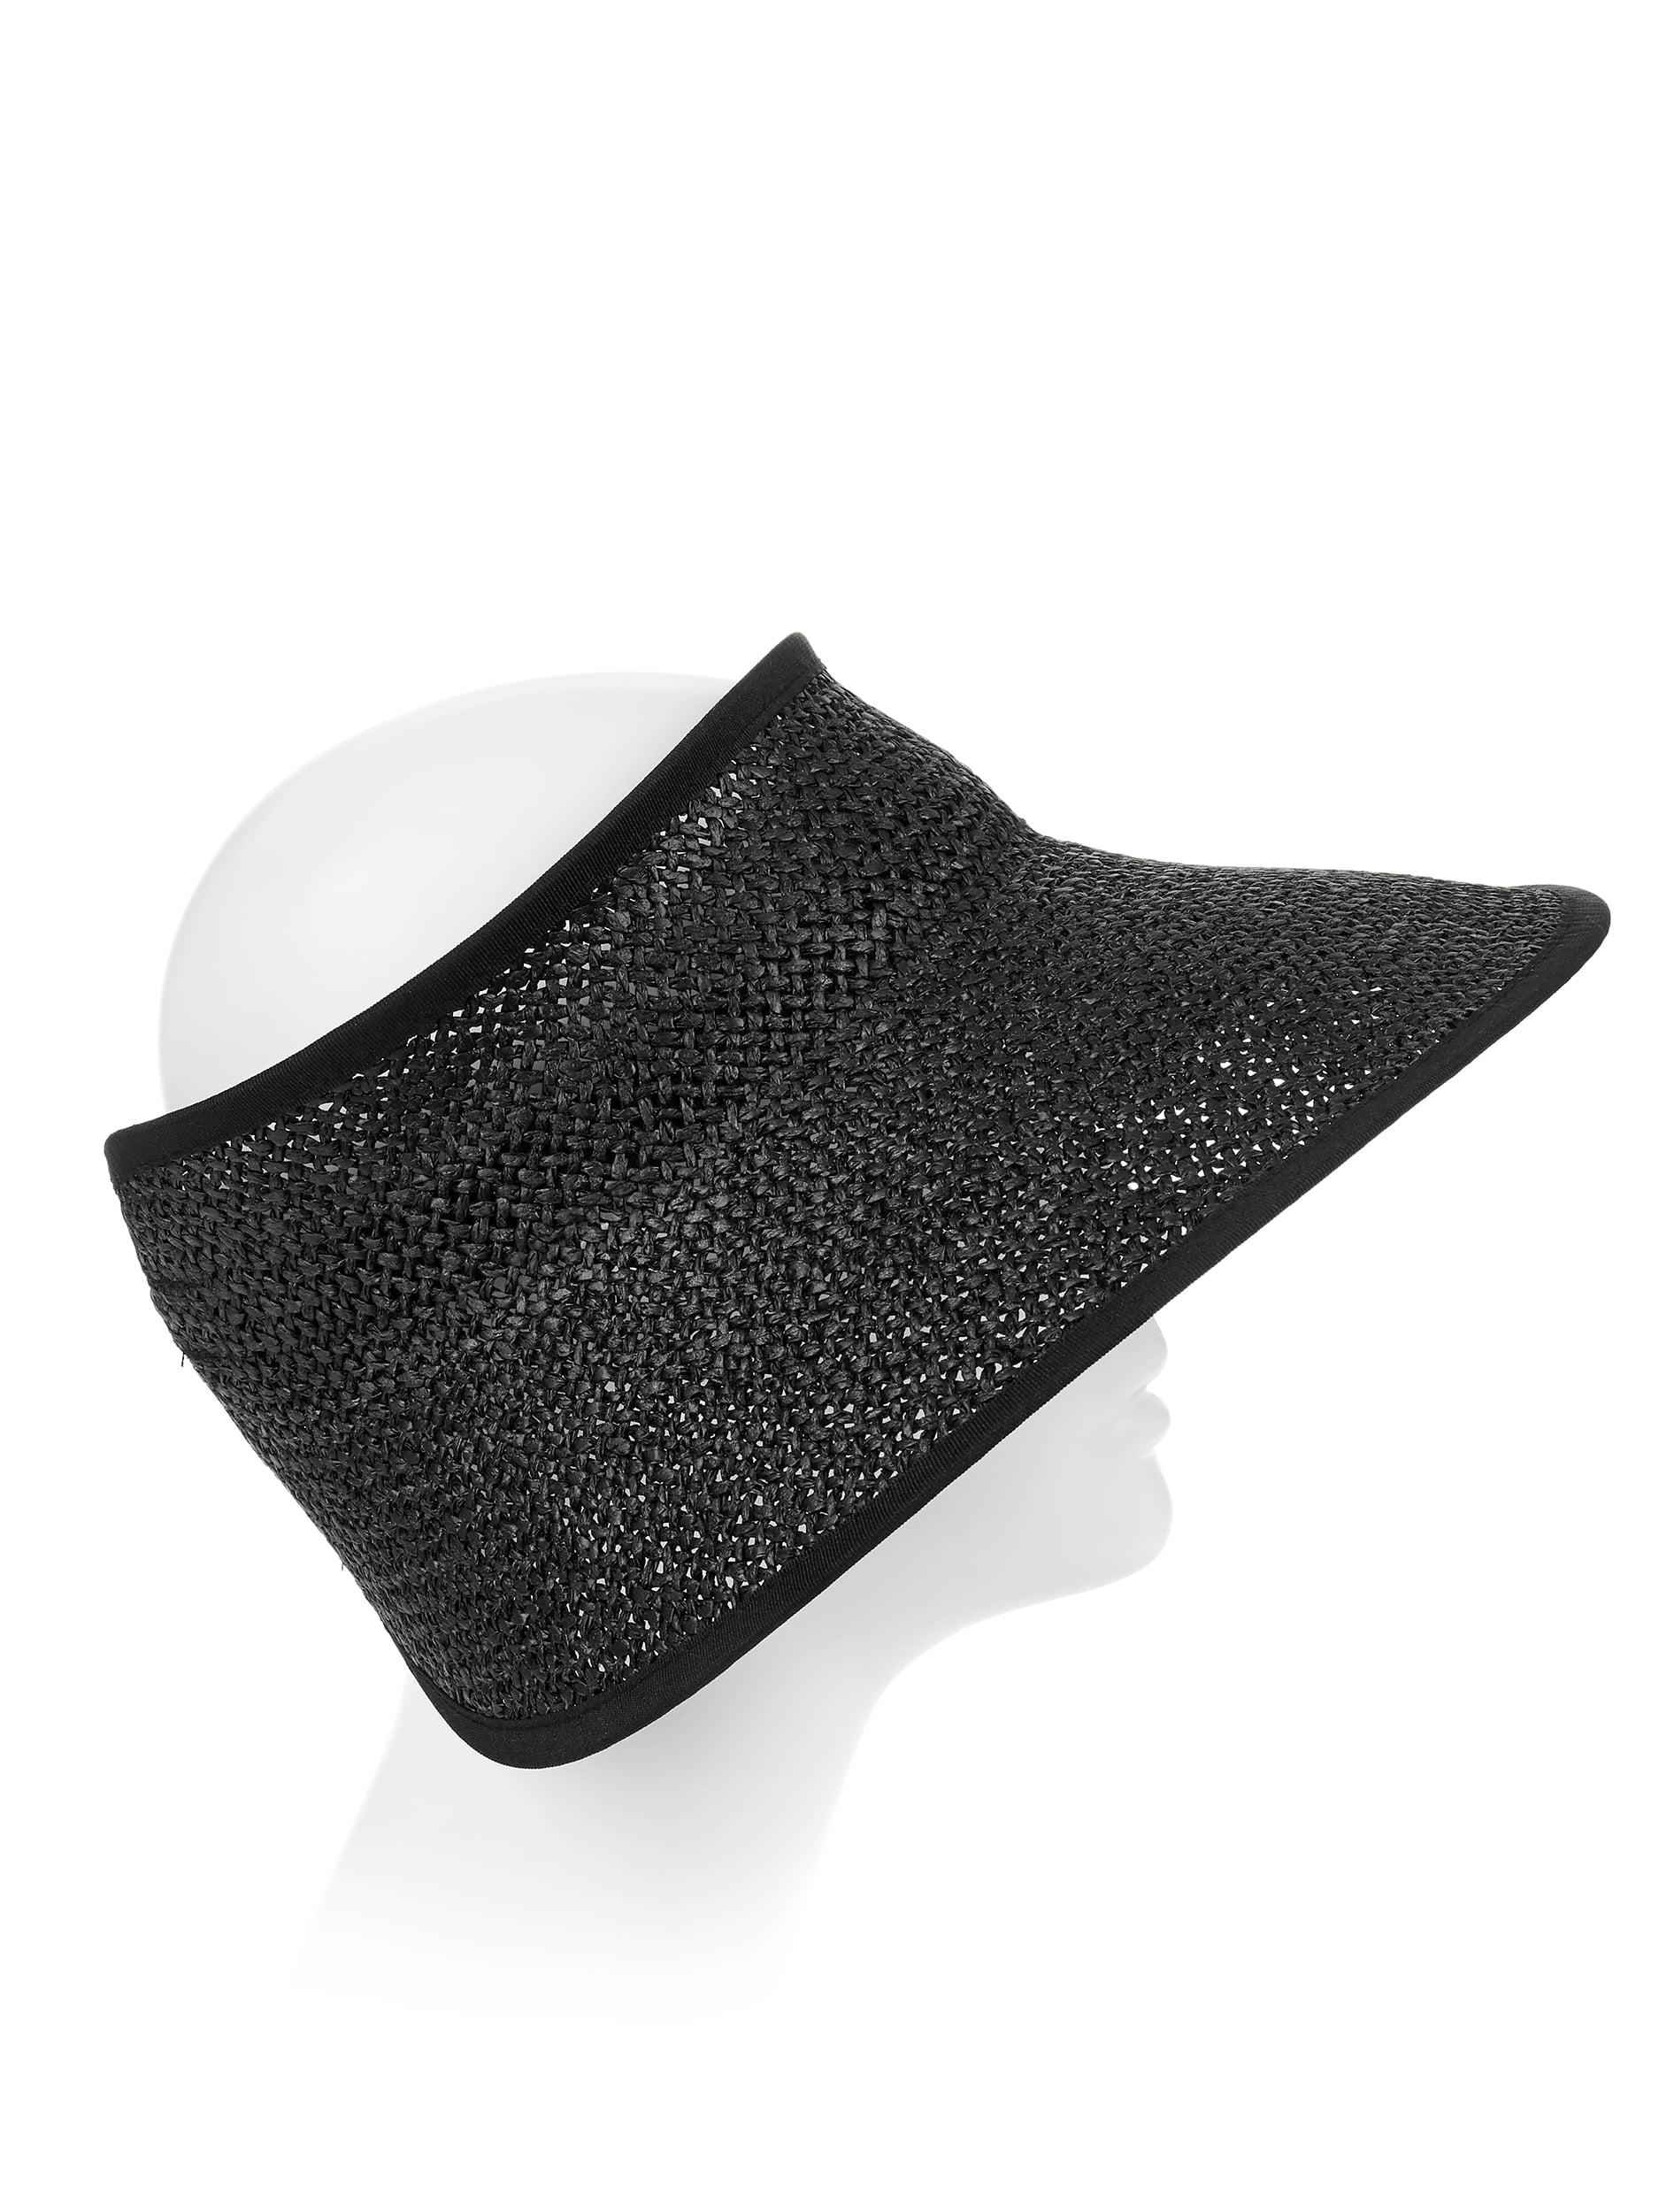 Accroche sac Pro Paris B&W Accessoires de sac à main